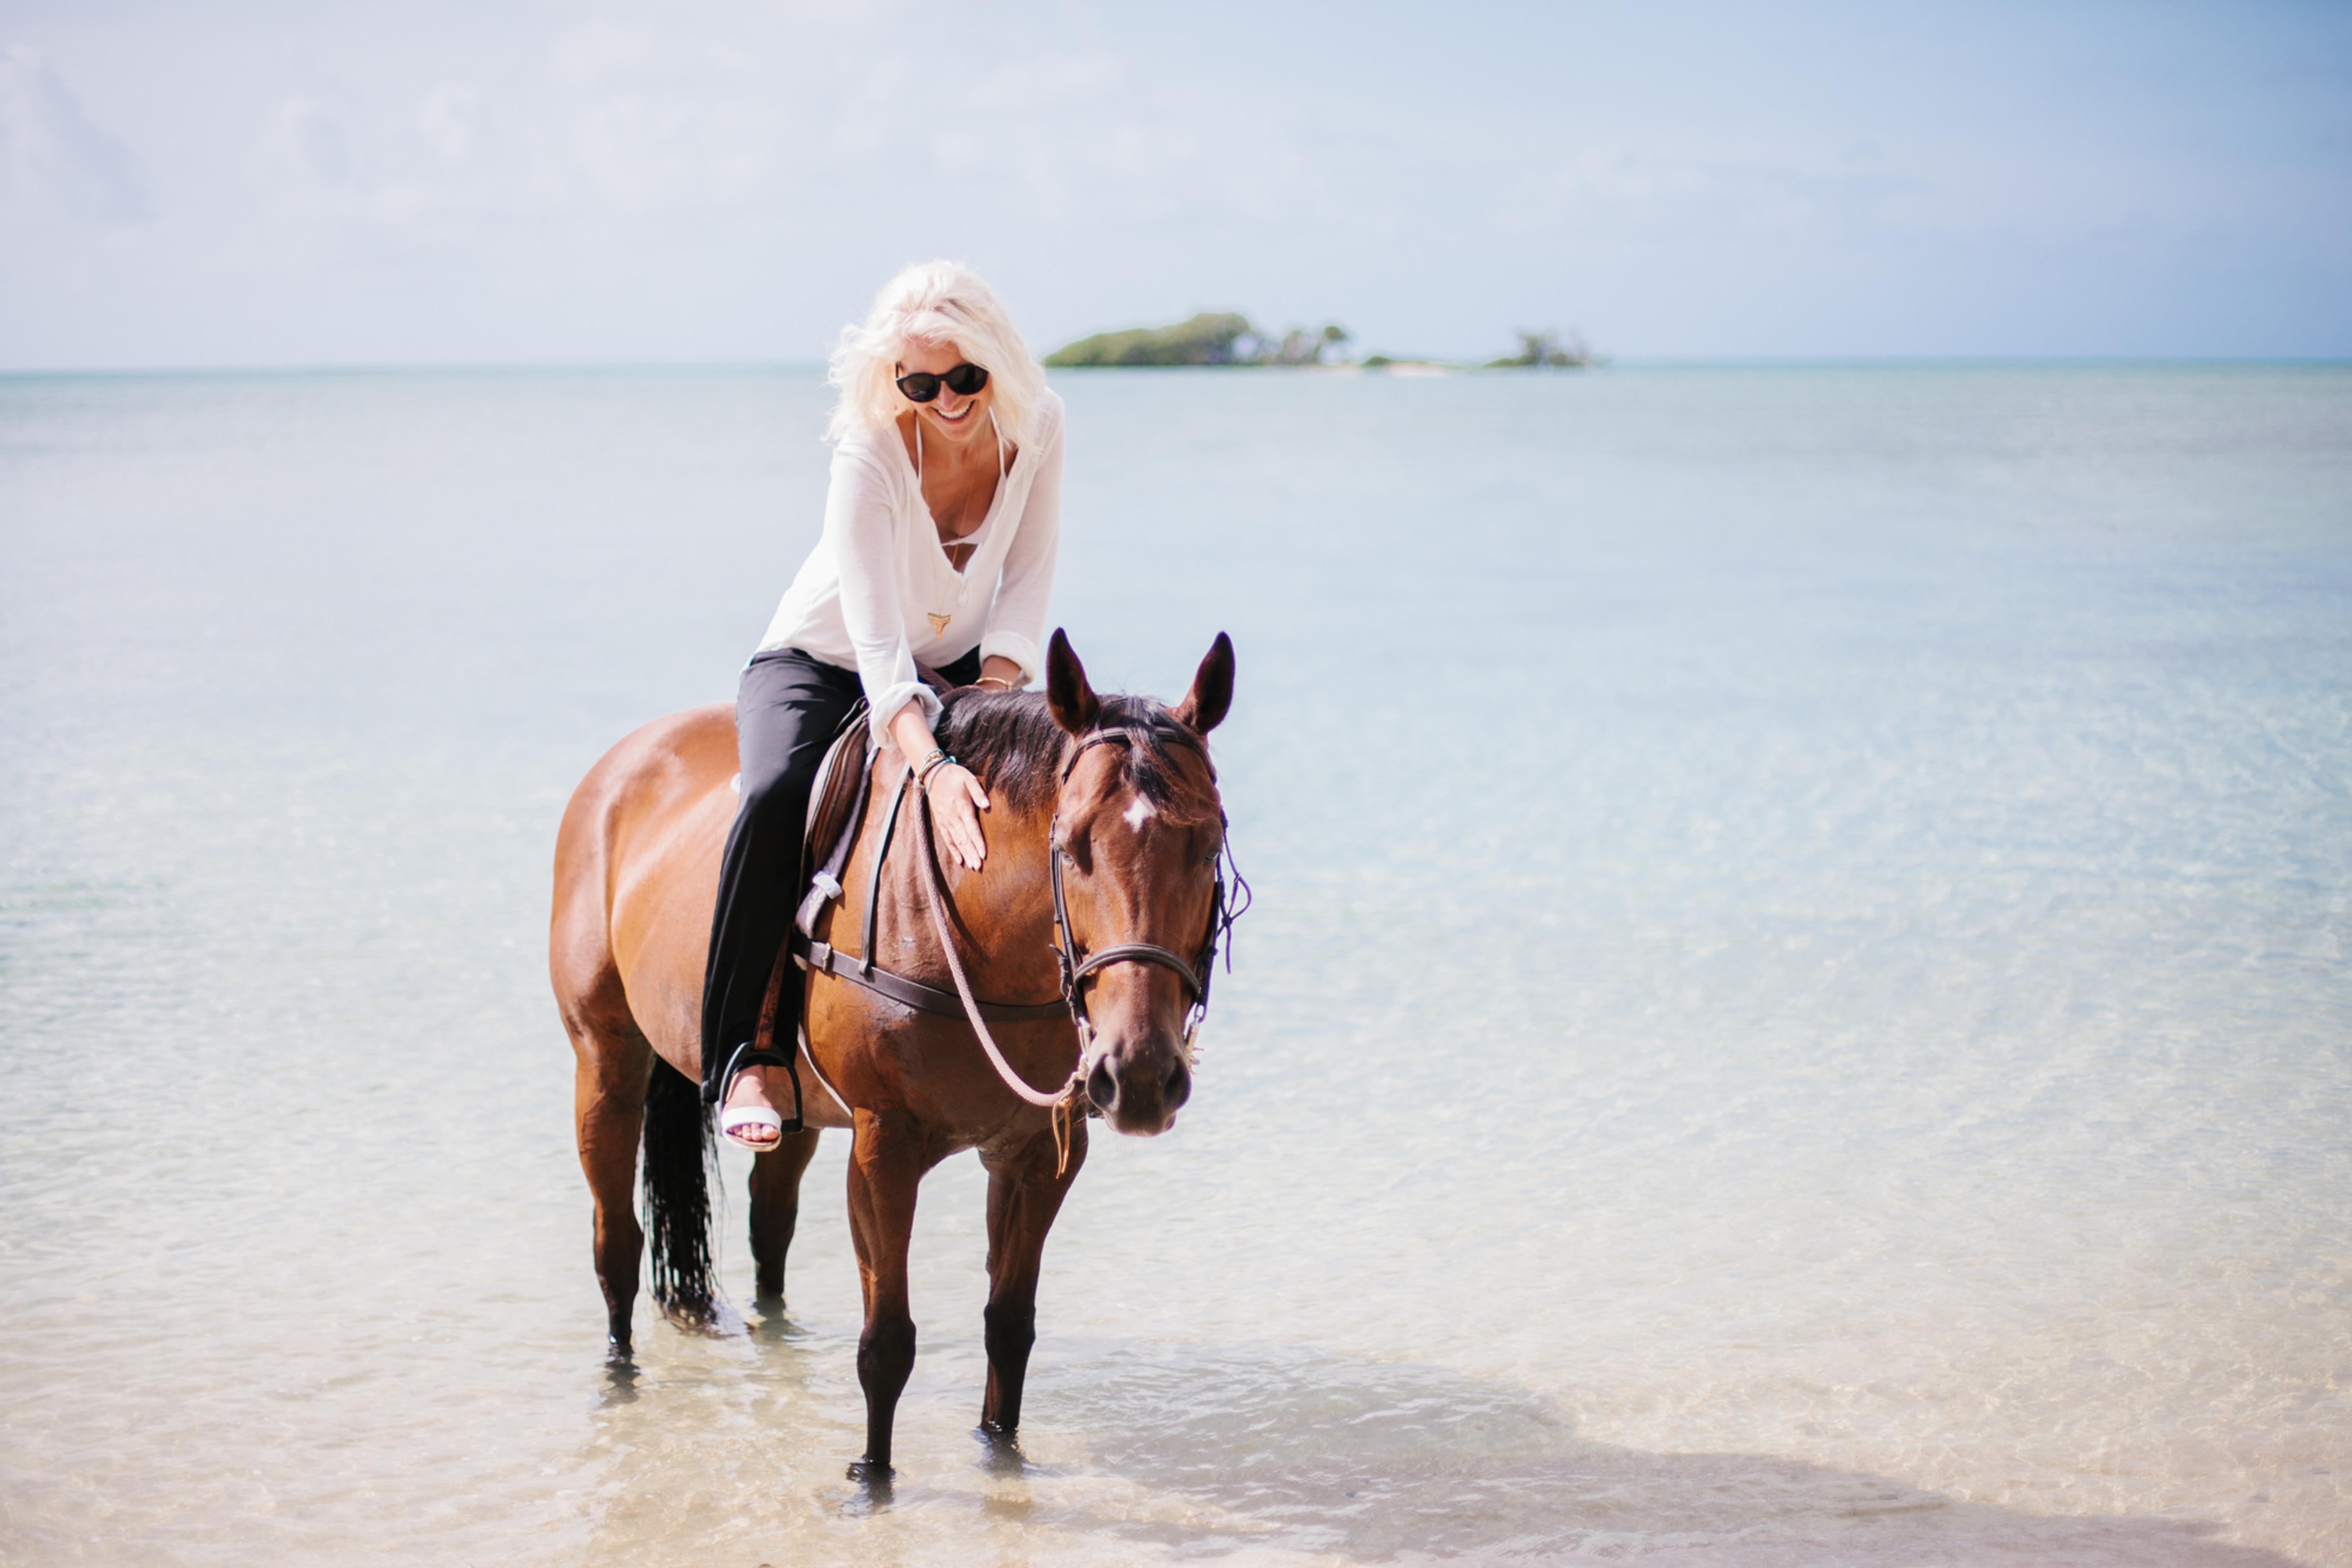 Horse Beach Riding